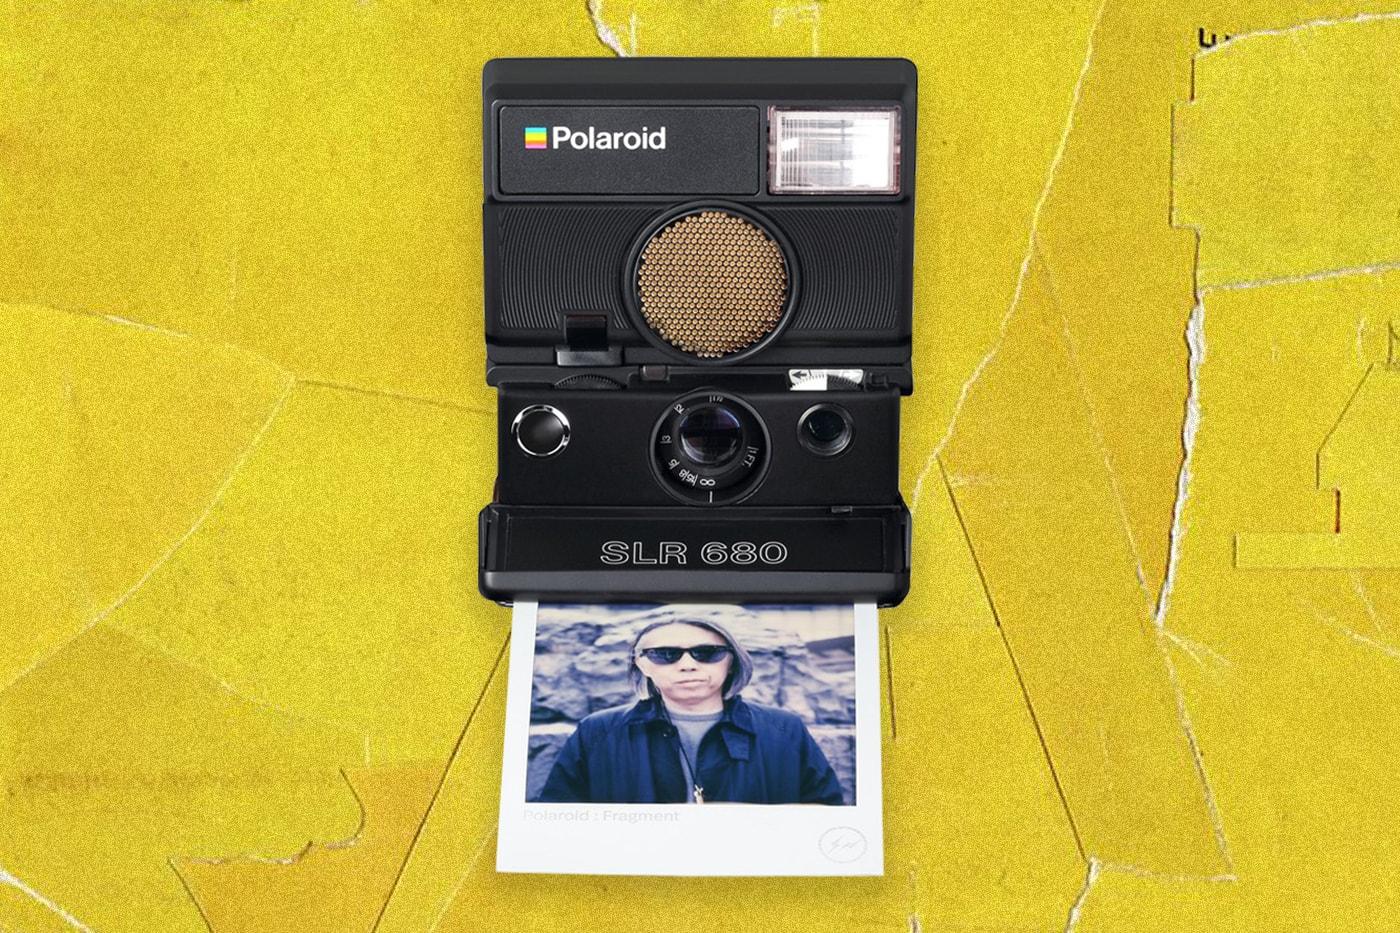 除了「蓝丝绸」拍立得外,还有哪些值得我们回味的 Polaroid 跨界企划?